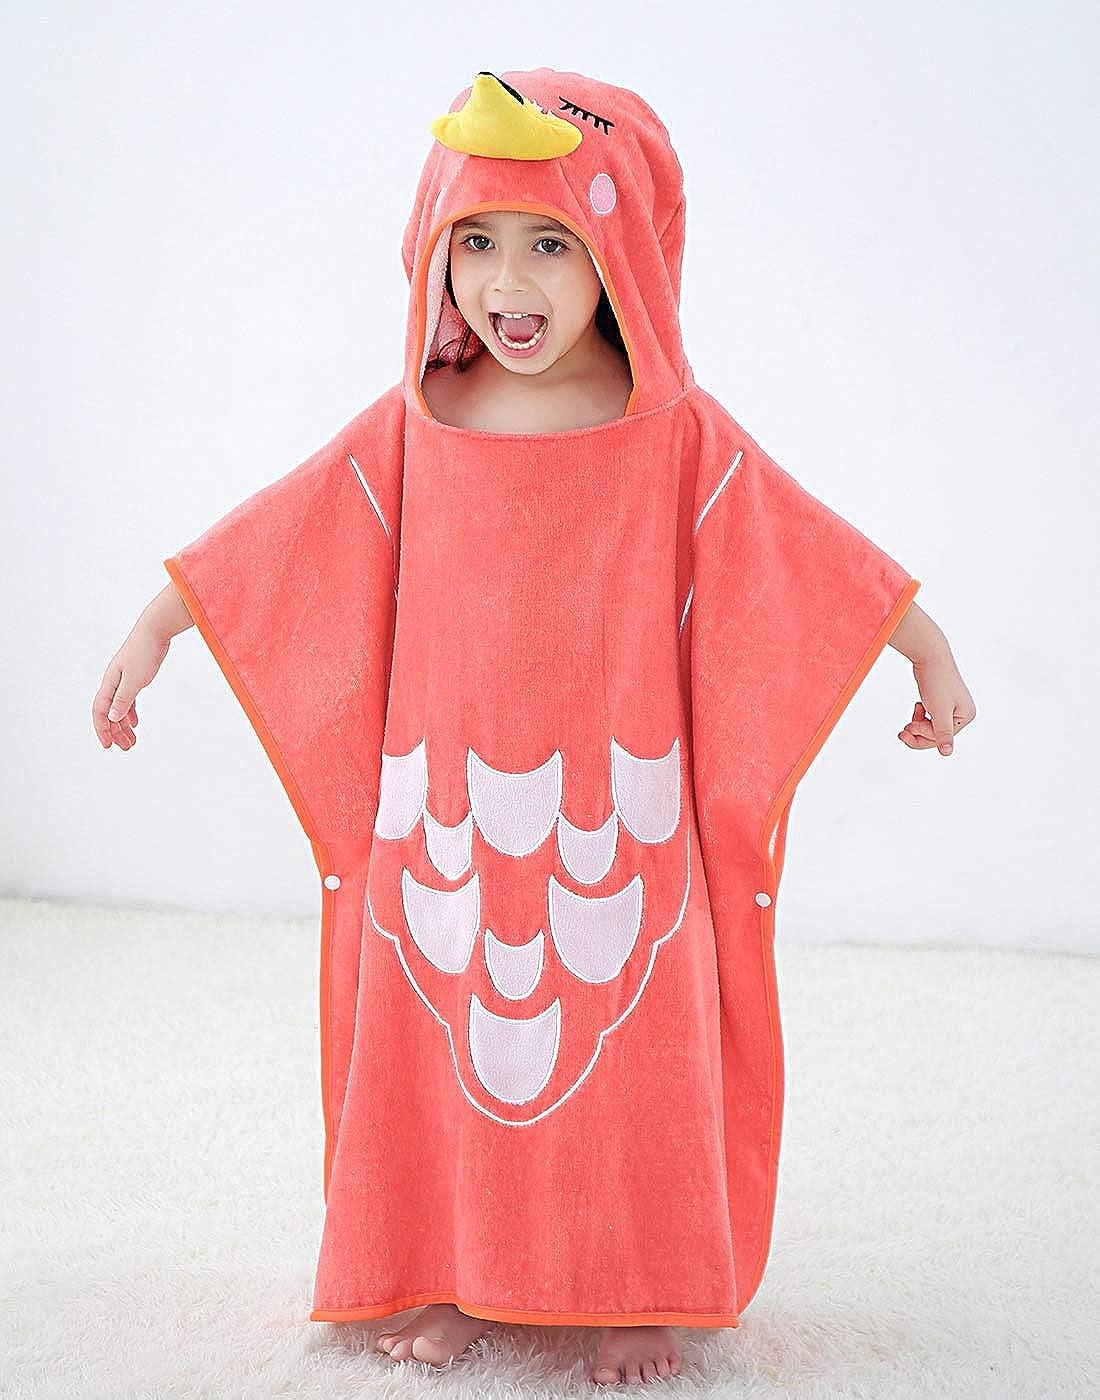 Happy Cherry Badeponcho Kinder Tier Kapuzenbadetuch f/ür Jungen und M/ädchen Bademantel Strand Frottee Kinder f/ür 2-7 Jahre 13 Farben